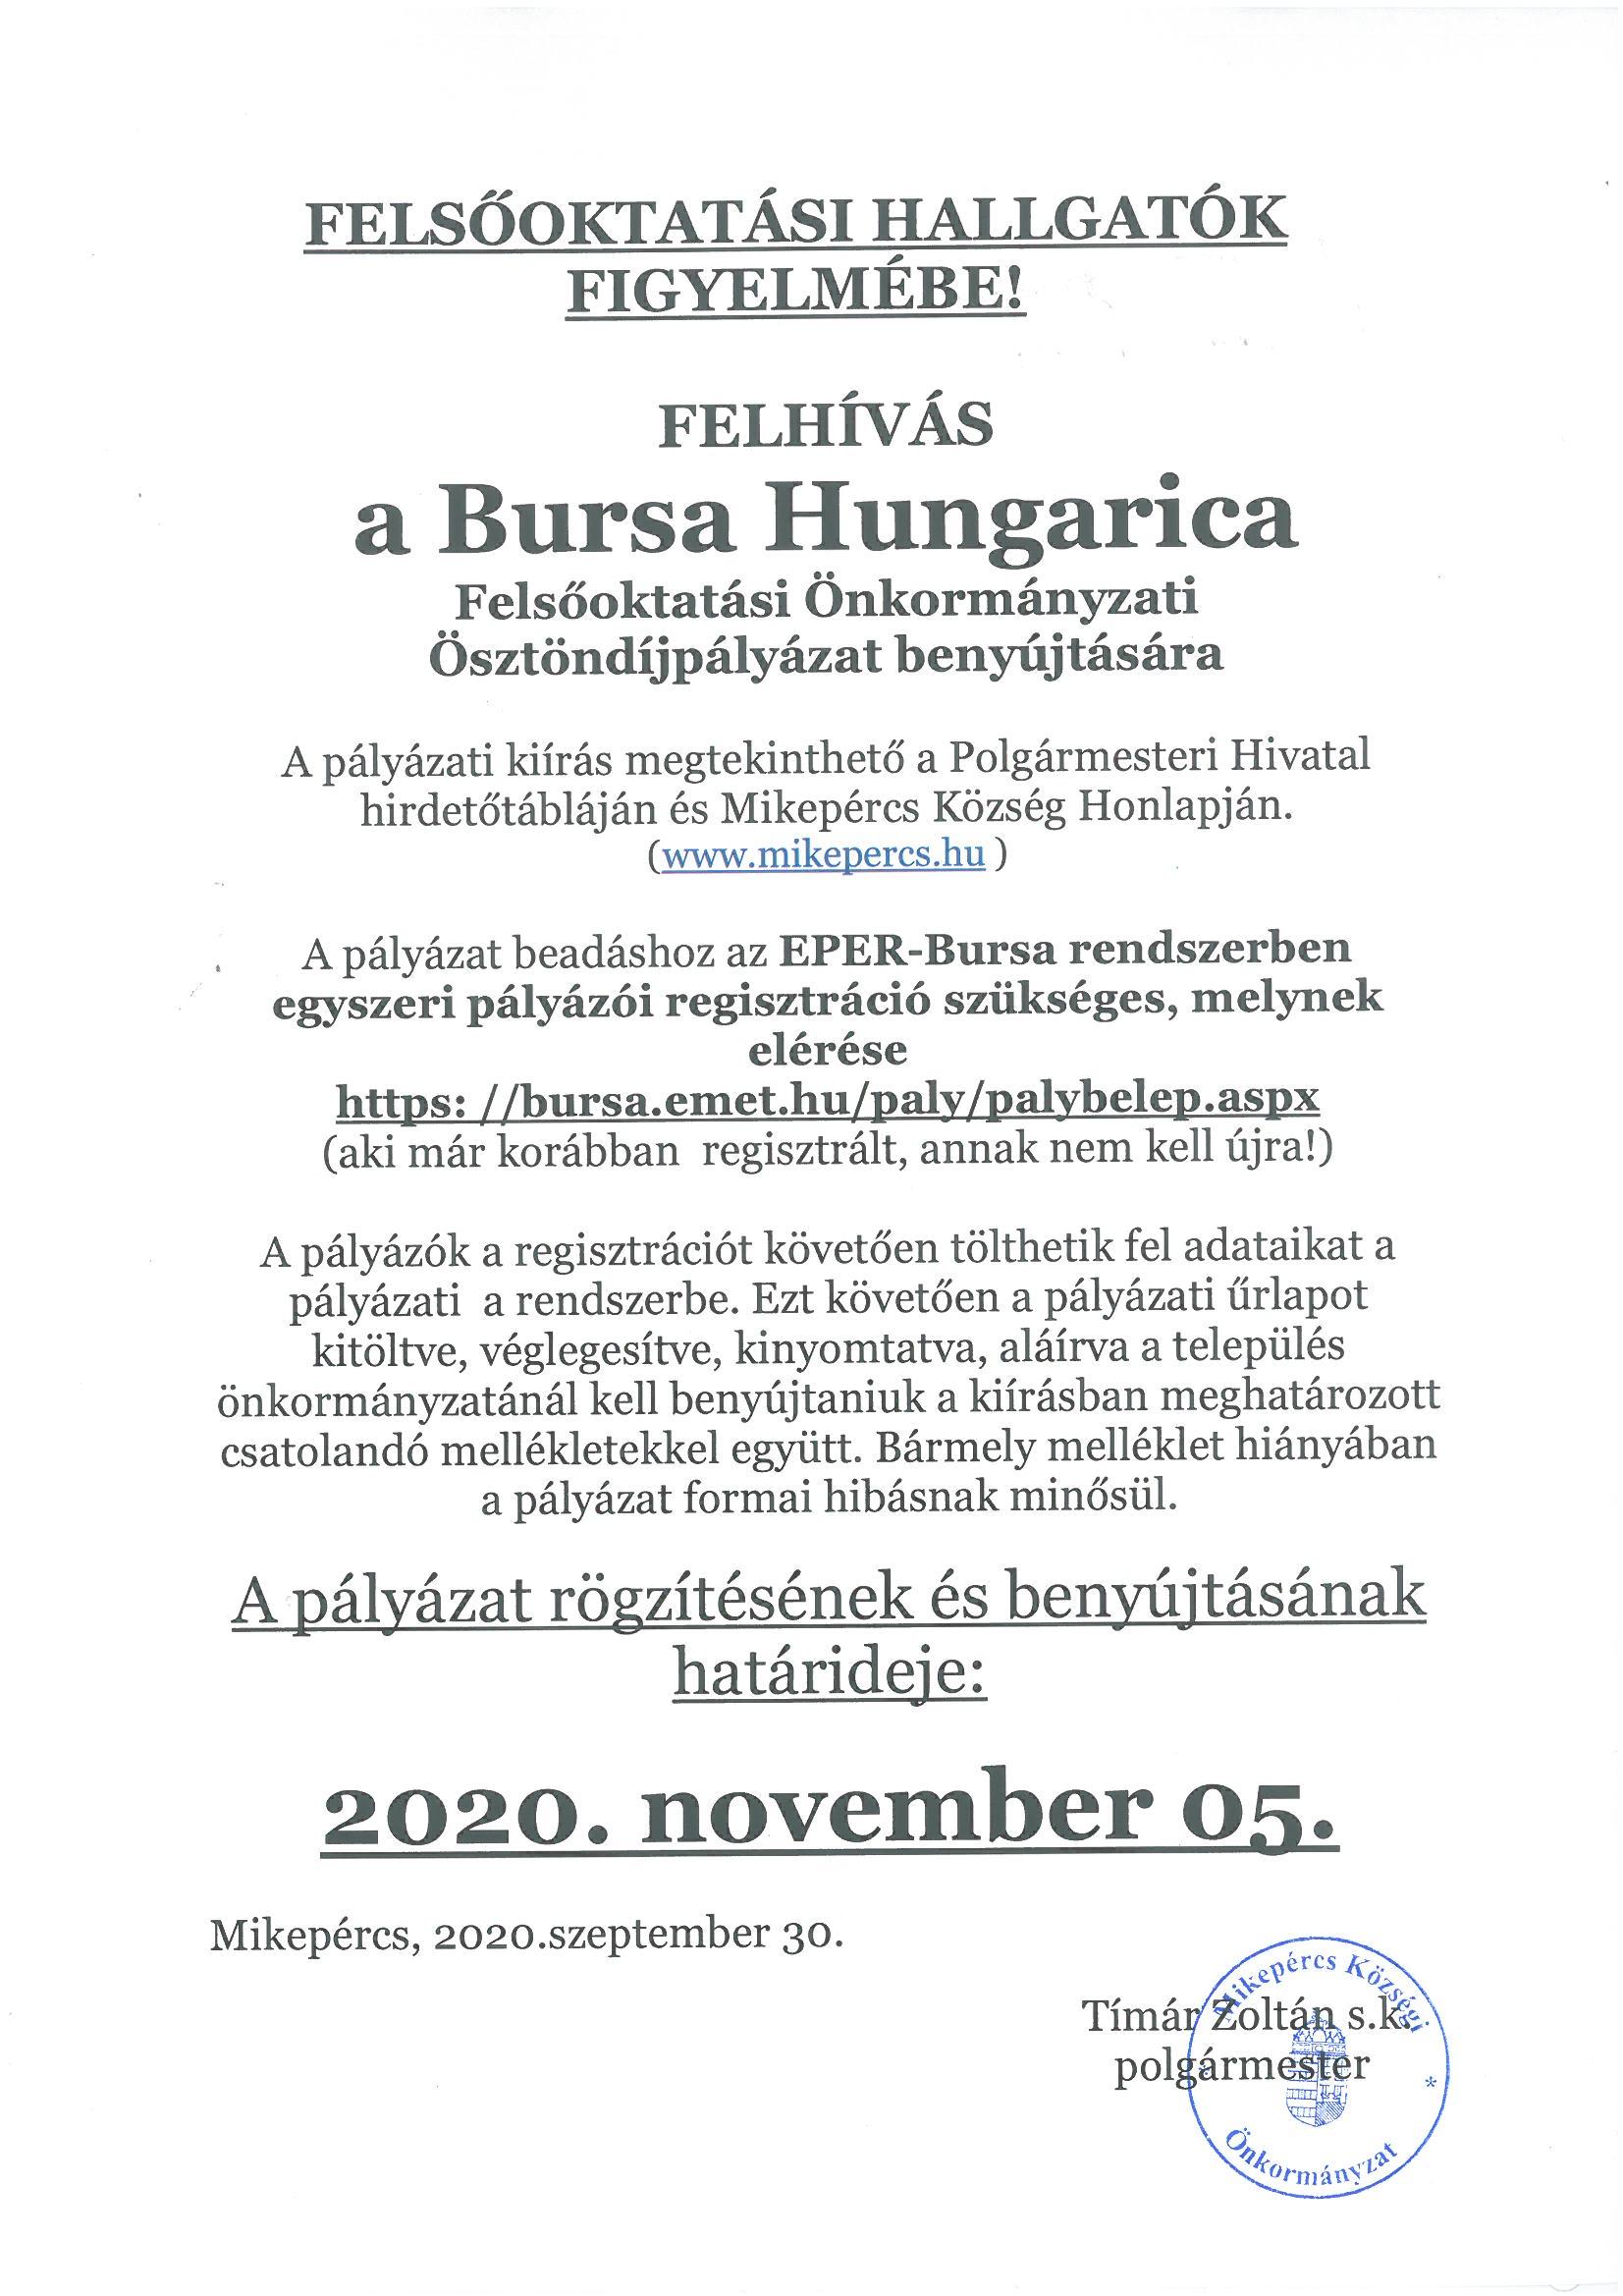 BURSA HUNGARICA FELSŐOKTATÁSI ÖNKORMÁNYZATI ÖSZTÖNDÍJPÁLYÁZAT 2020